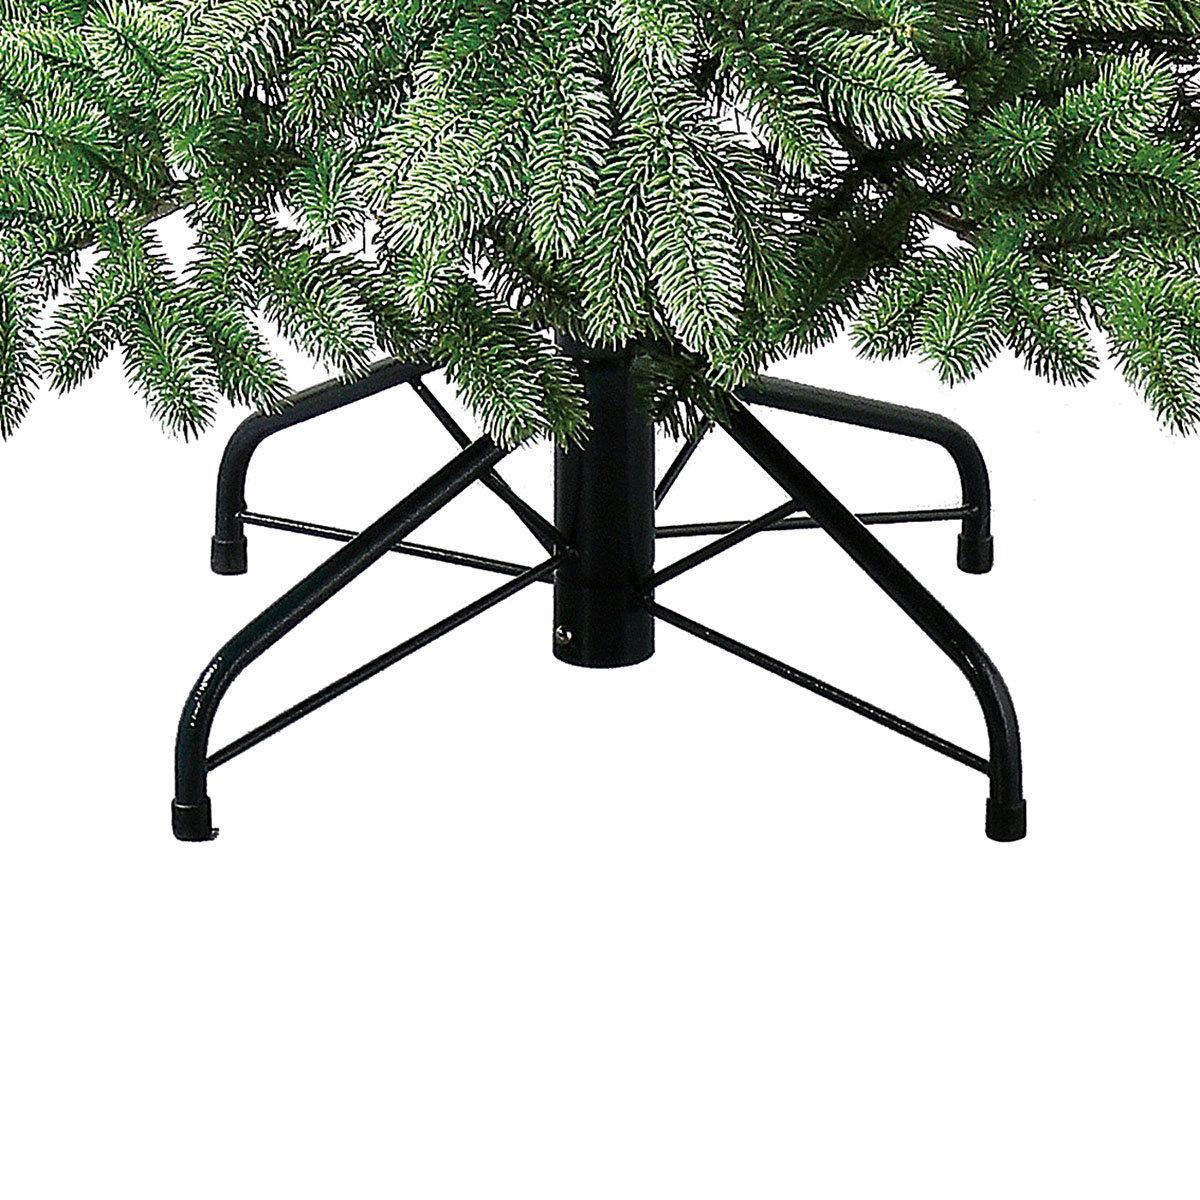 Künstlicher Weihnachtsbaum Kiefer, 210 cm | #5